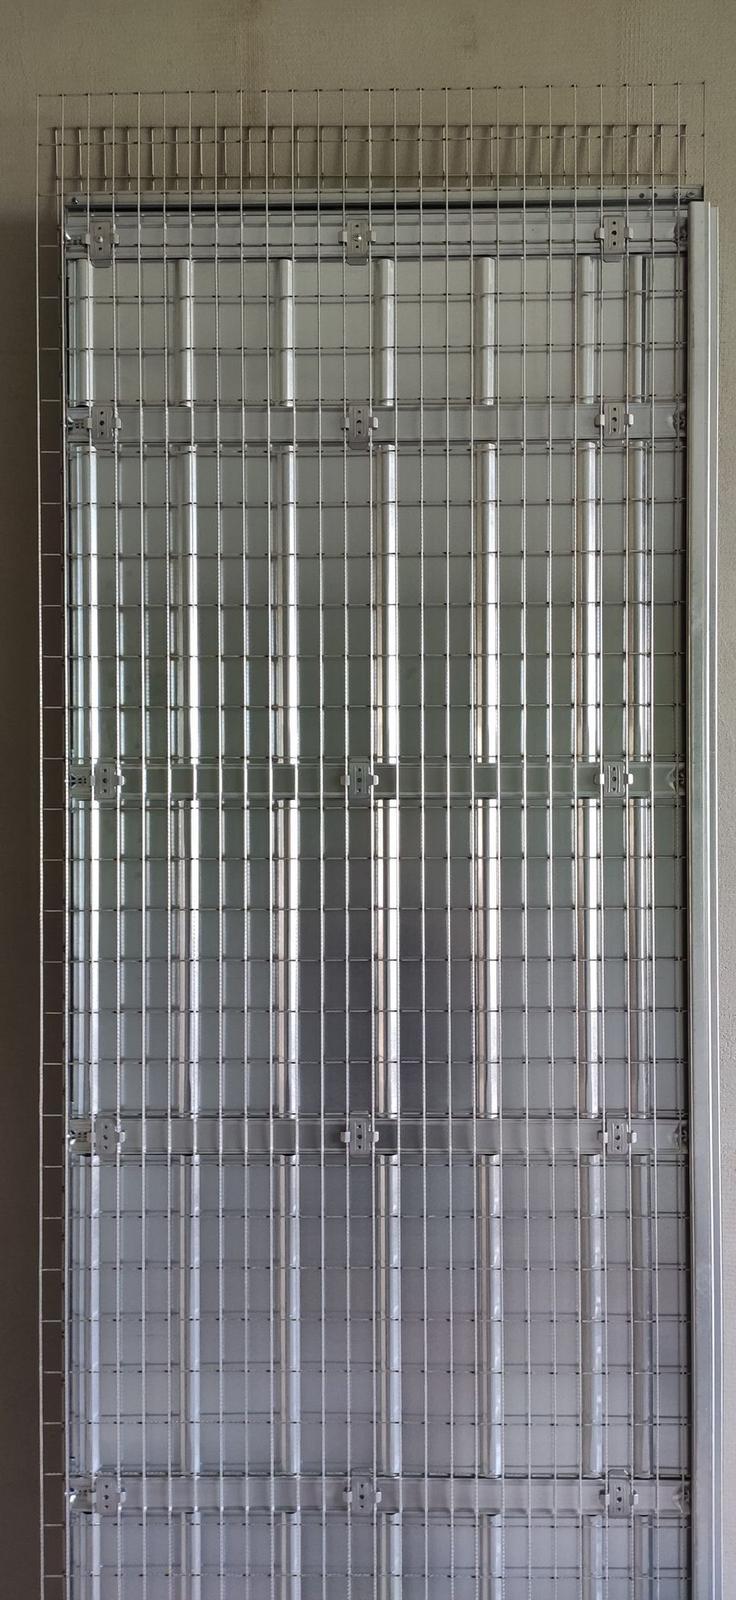 Pouzdro do zdiva Eclisse Standard 60x197-210 cm - Obrázek č. 2